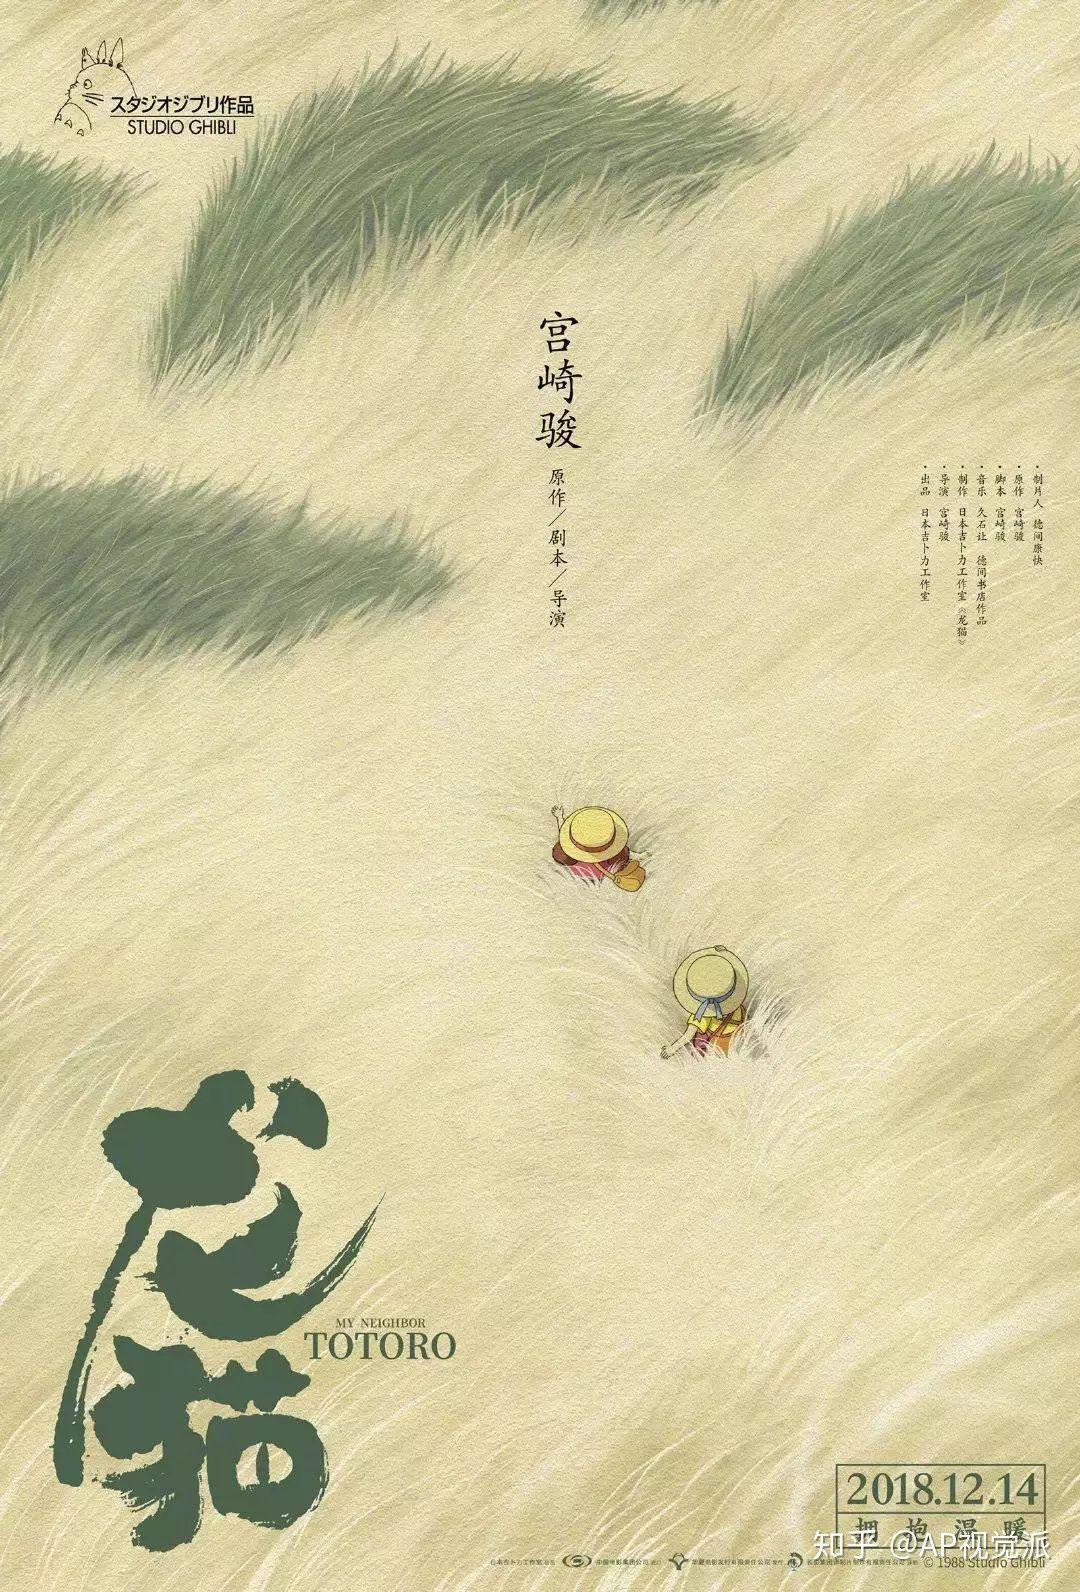 电影海报设计欣赏 大神黄海的得意之作